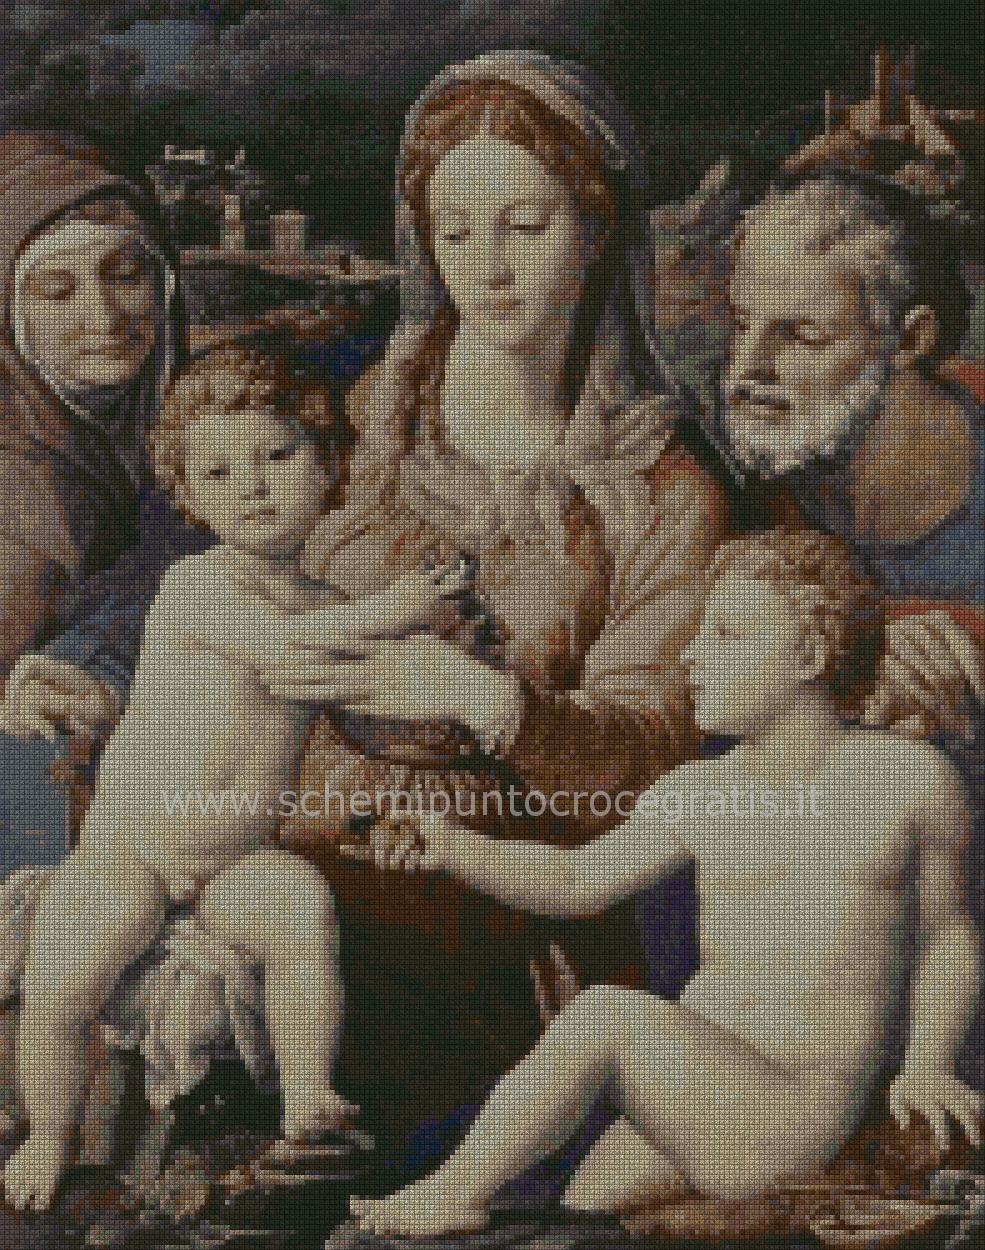 pittori_classici/bronzino/bronzino03.jpg